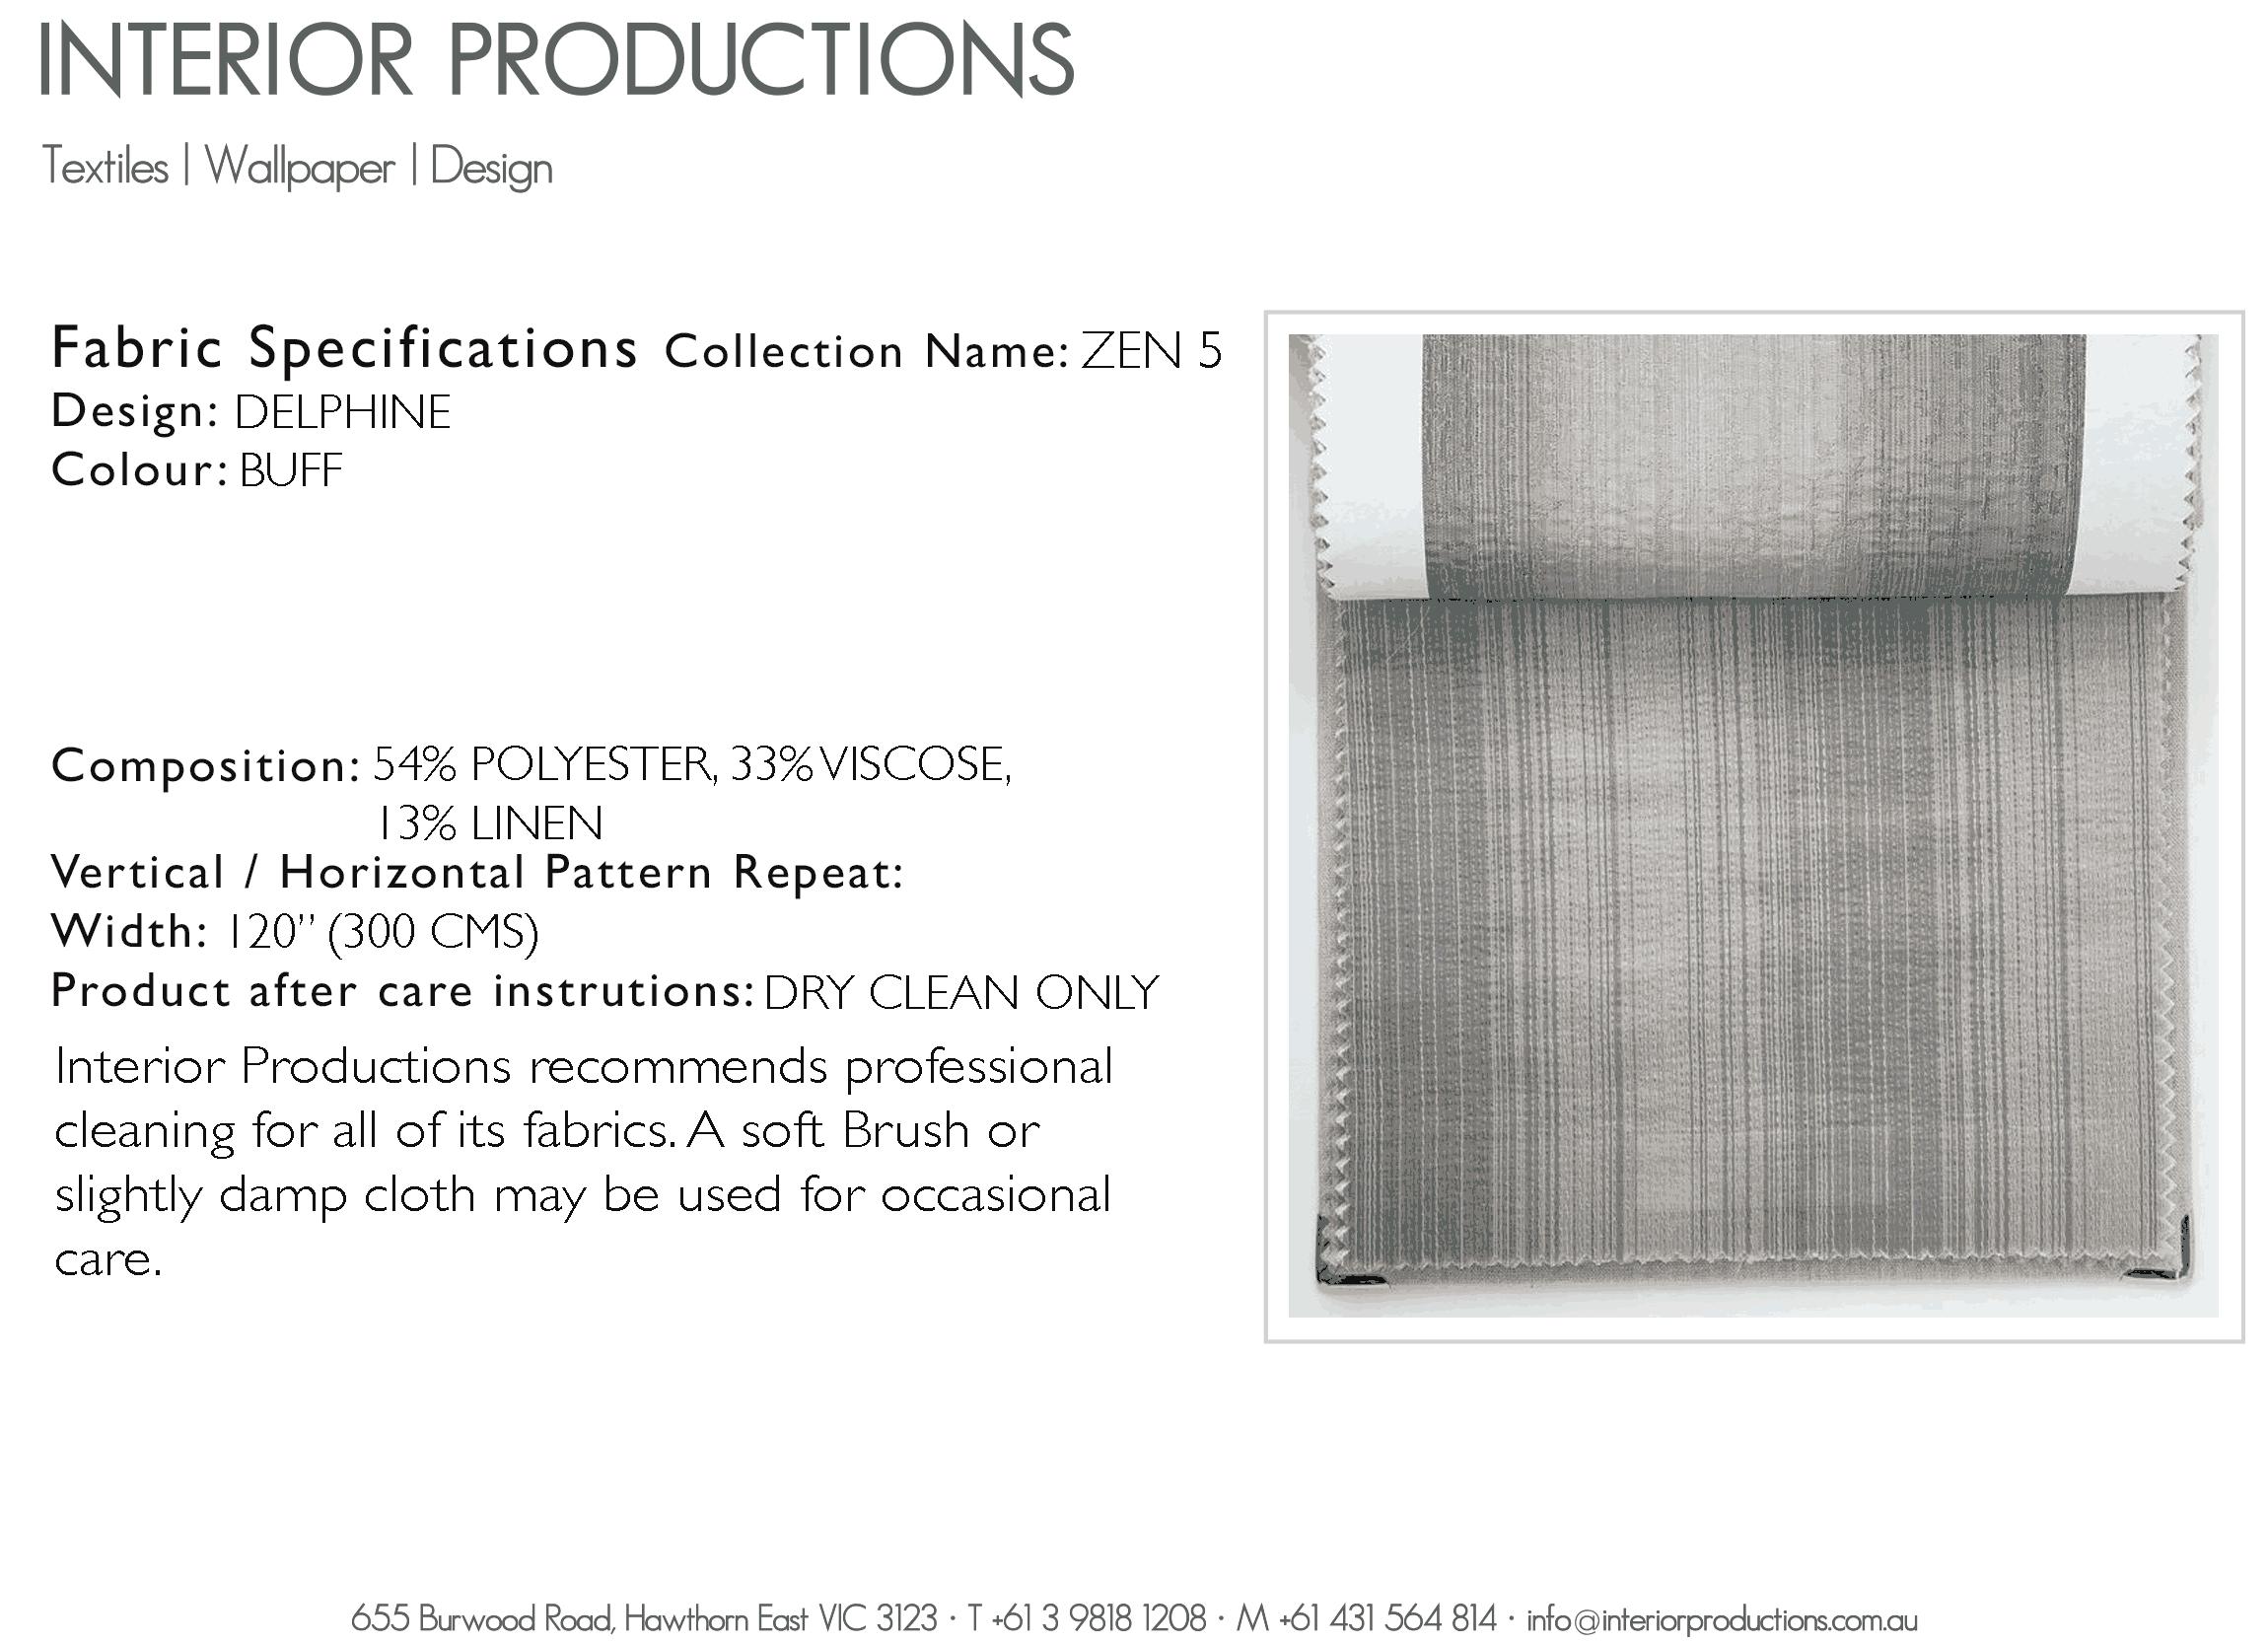 interior_productions_DELPHINE---BUFF